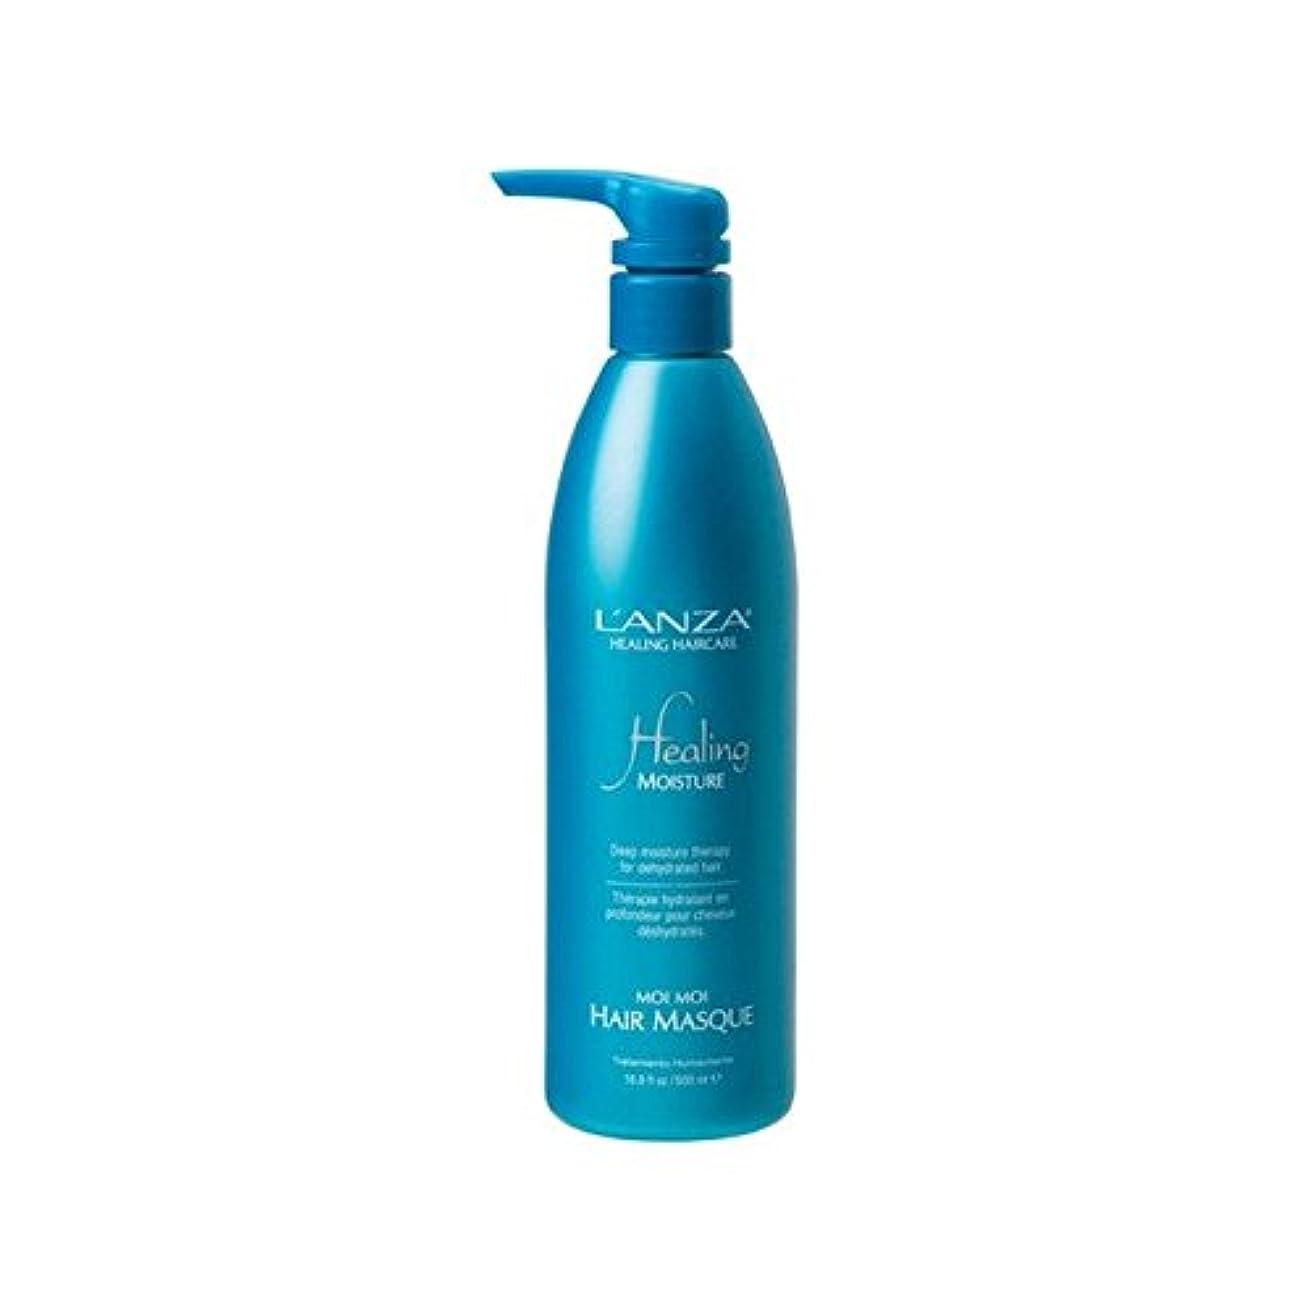 薄汚い義務余分なアンザ癒しの水分モイモイヘア仮面劇(500ミリリットル) x2 - L'Anza Healing Moisture Moi Moi Hair Masque (500ml) (Pack of 2) [並行輸入品]